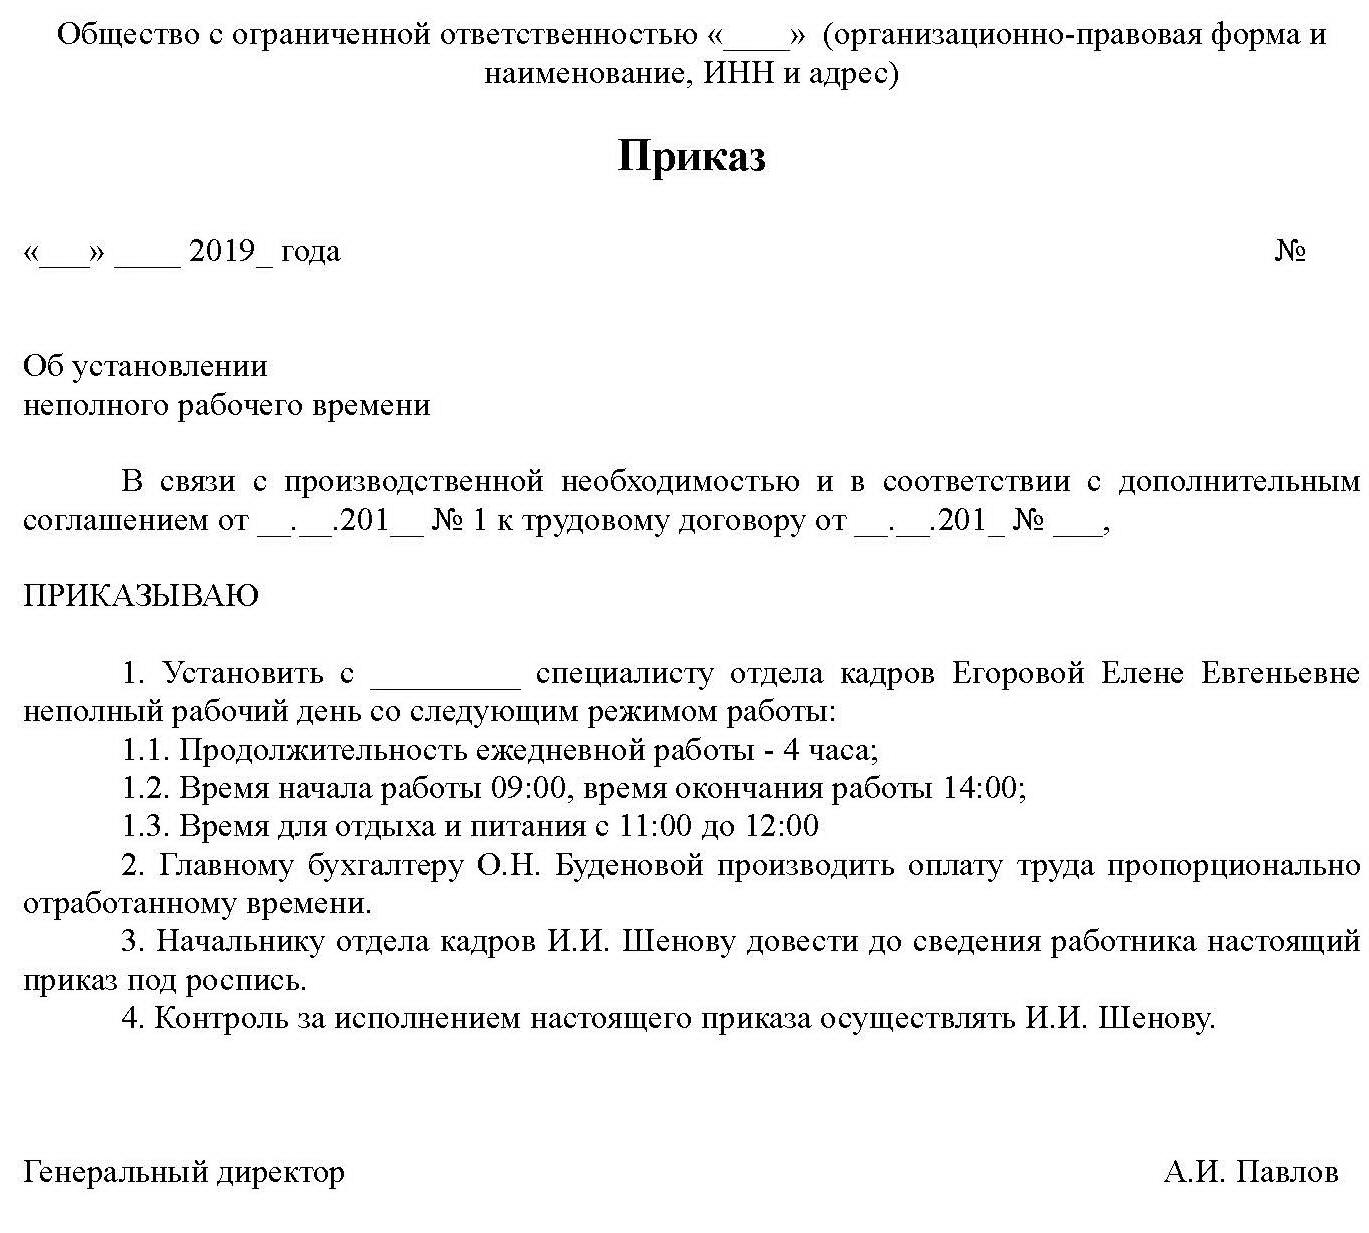 Как перевести сотрудника на 0 5 ставки по инициативе работодателяобразец